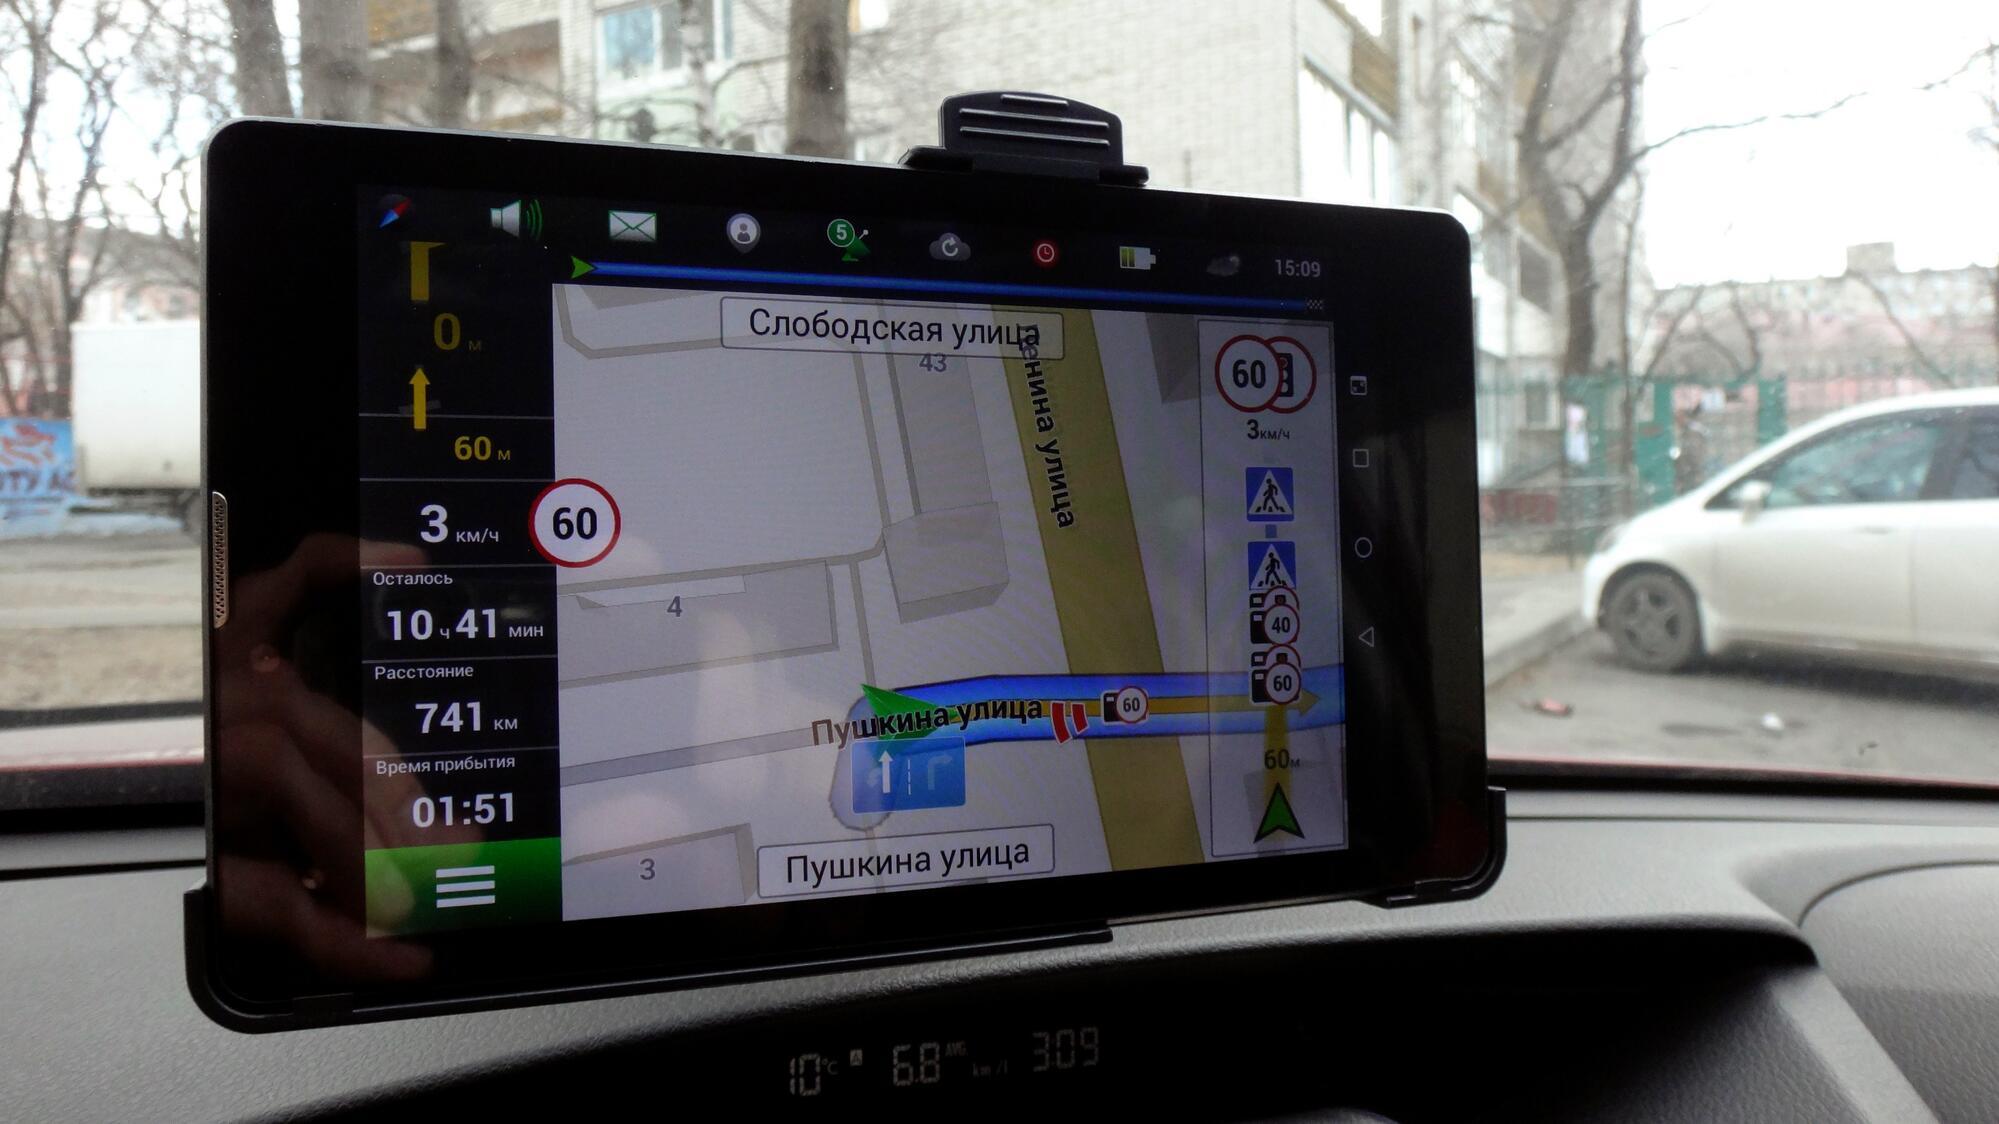 Avtotovary - Obzor avtomobilnogo navigatora NAVITEL T500 3G Auto